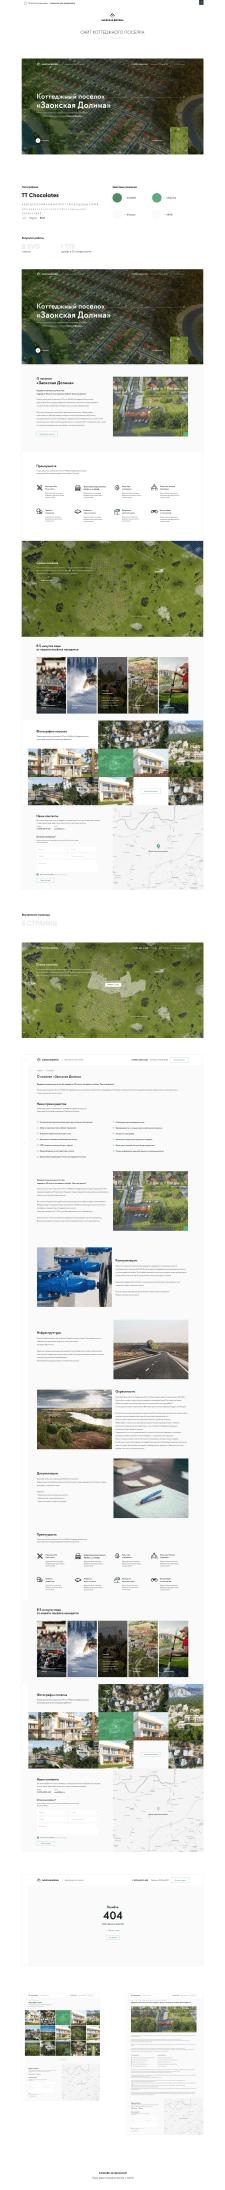 Дизайн многостраничного сайта - Коттеджный поселок